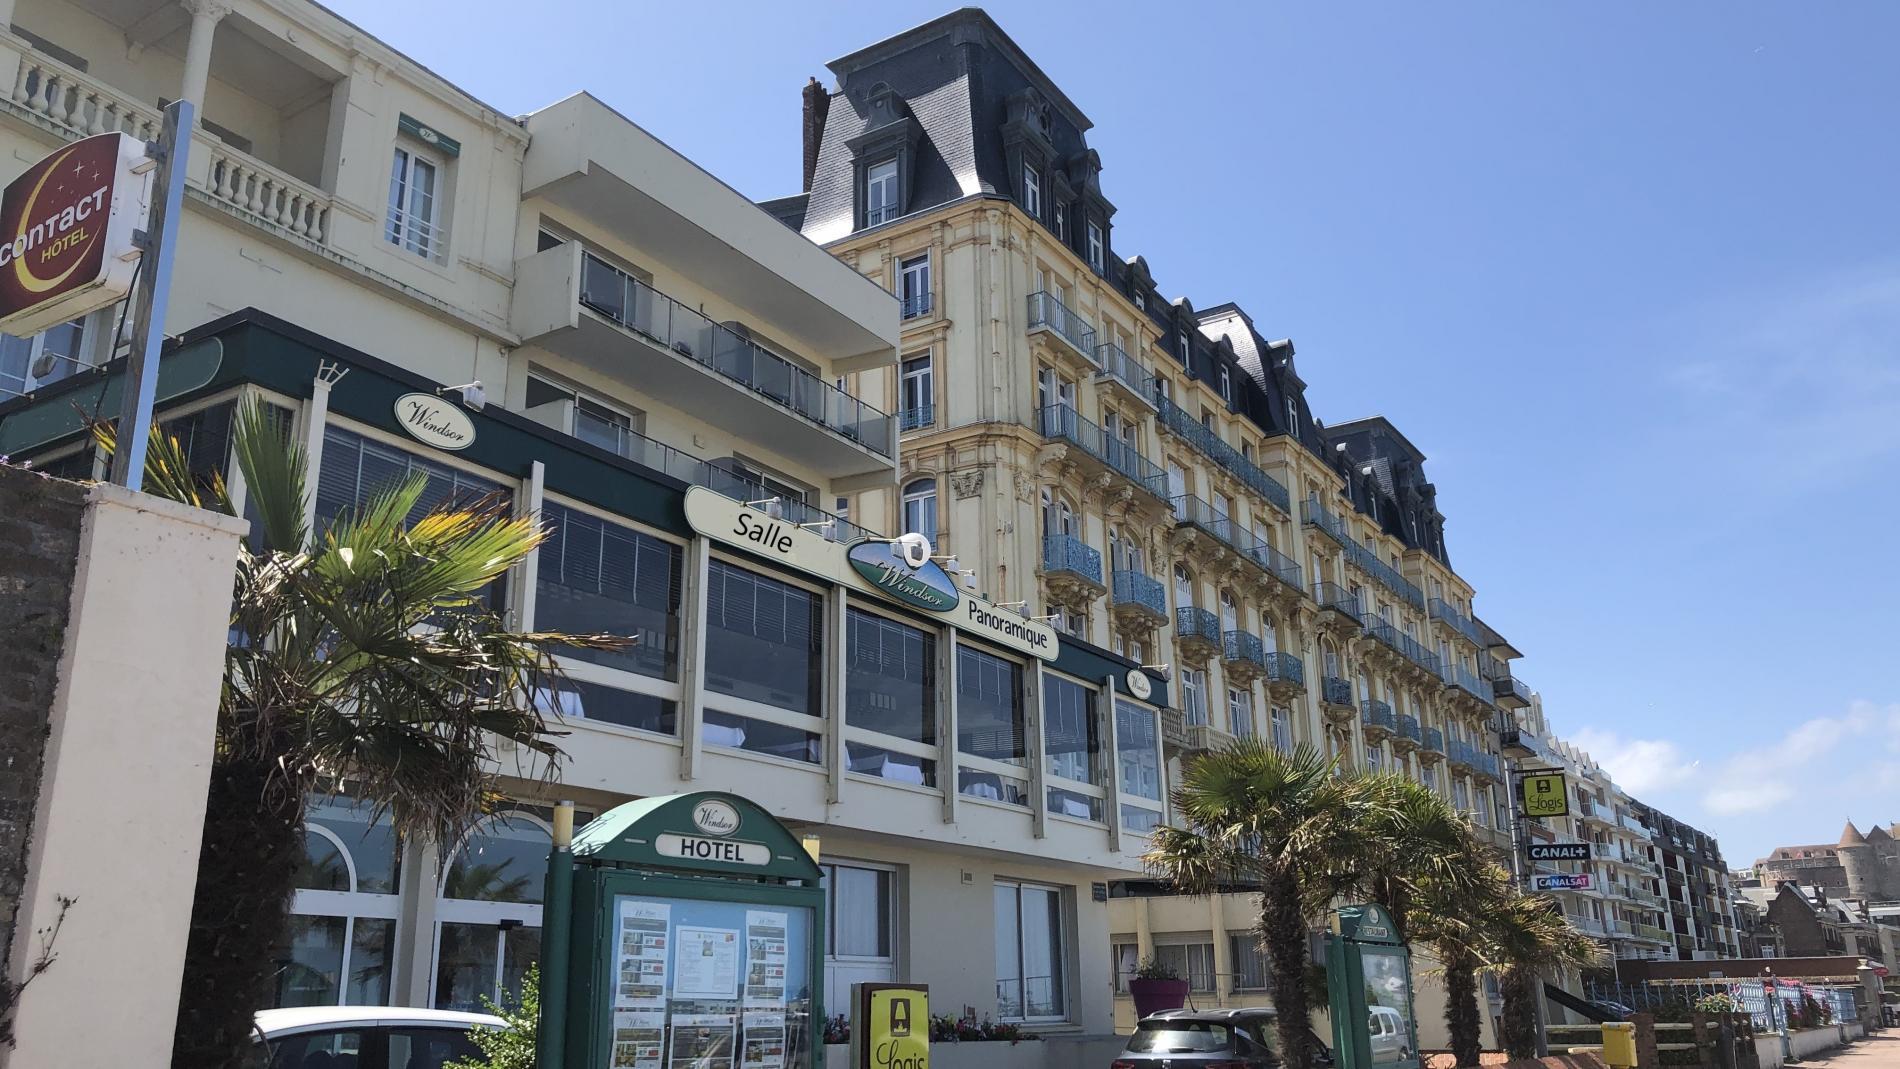 Hotel Windsor - Hotel à Etretat